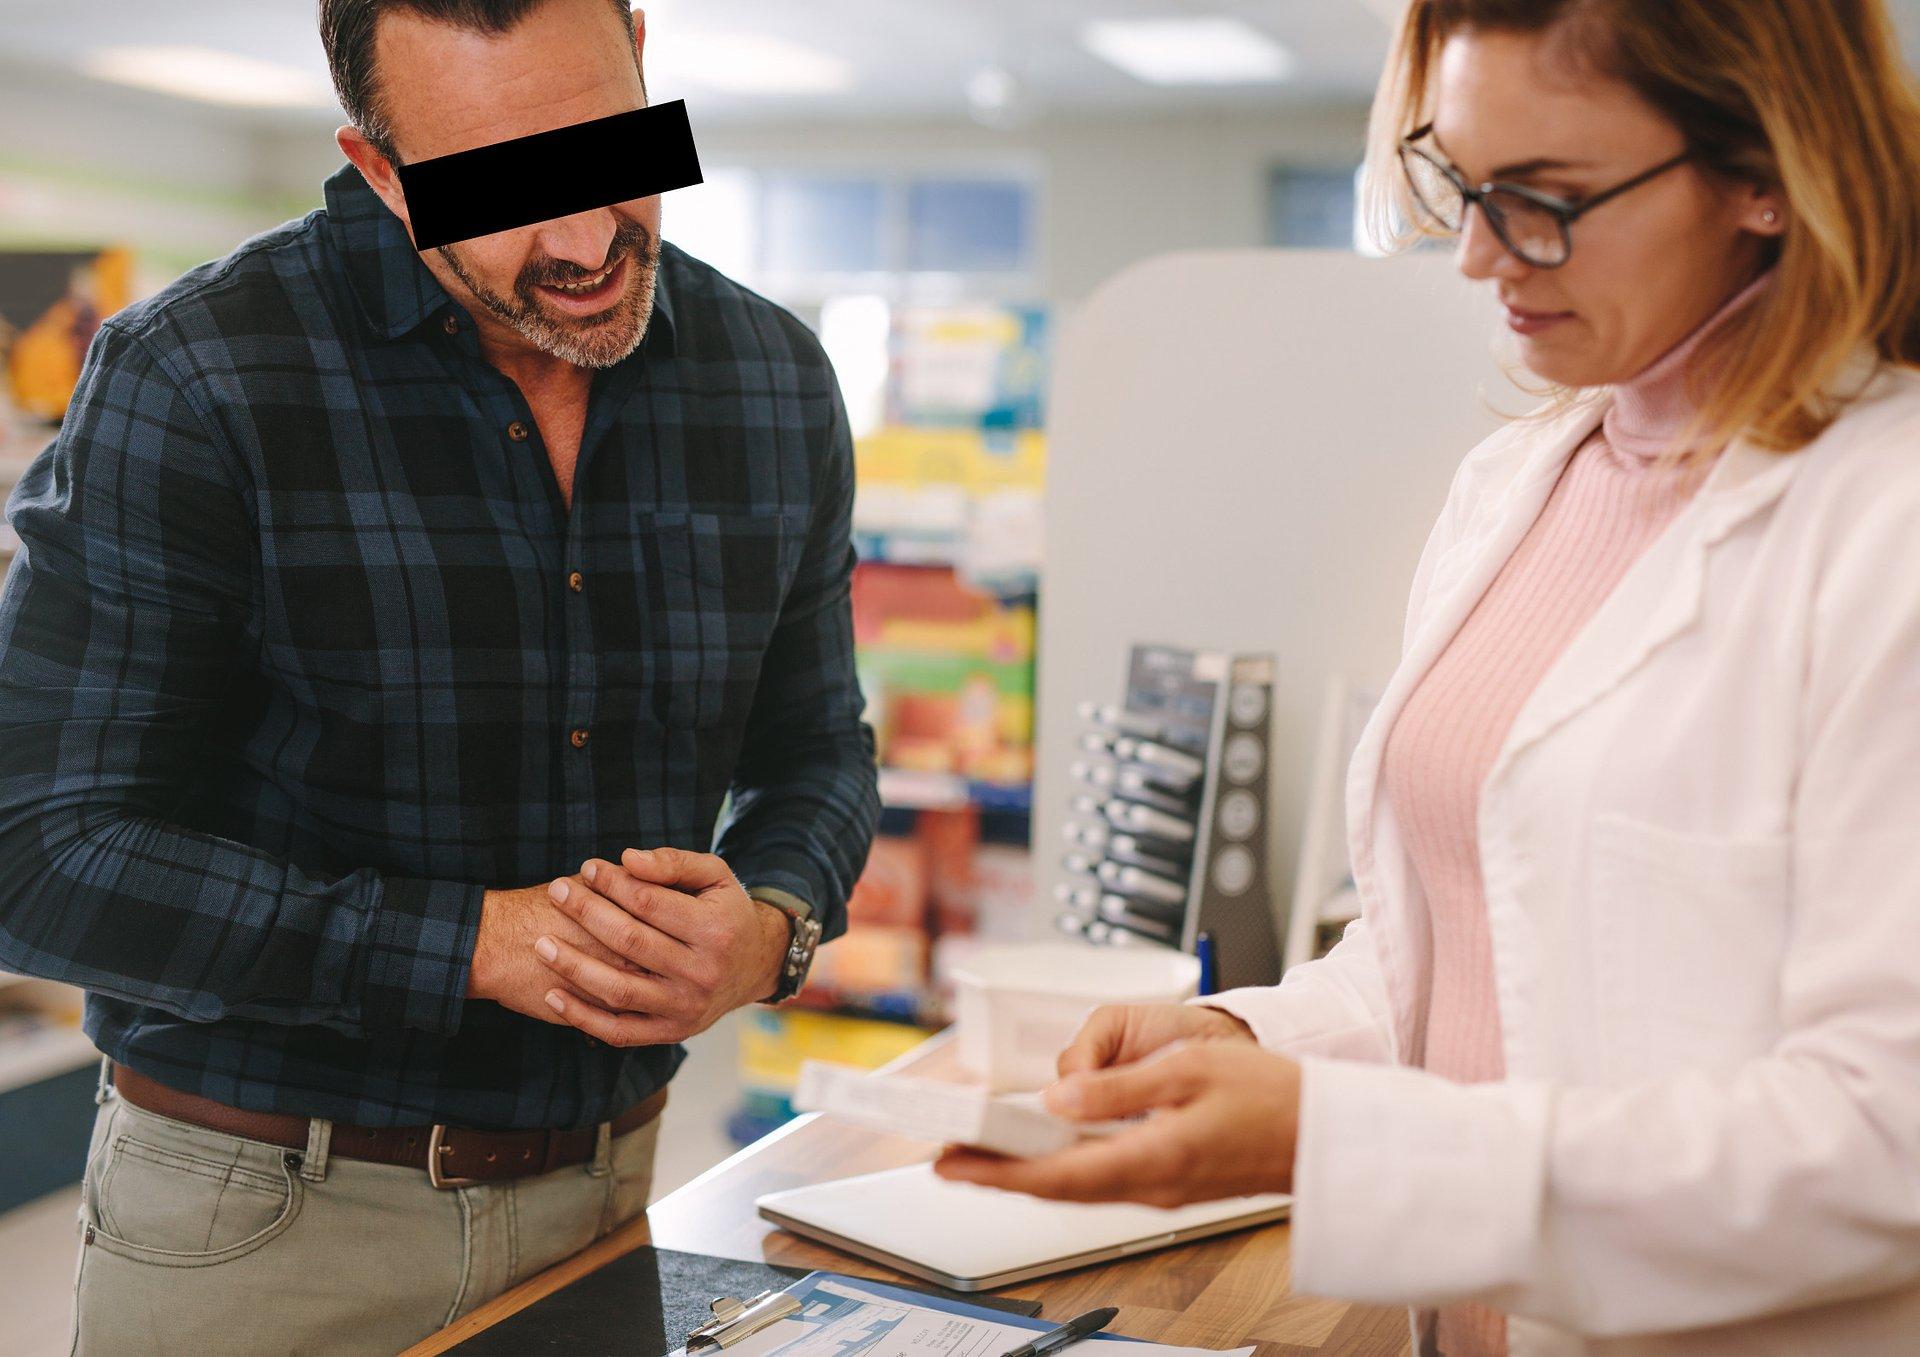 Duet fałszerzy recept zatrzymany. Nielegalny obrót lekami psychoaktywnymi